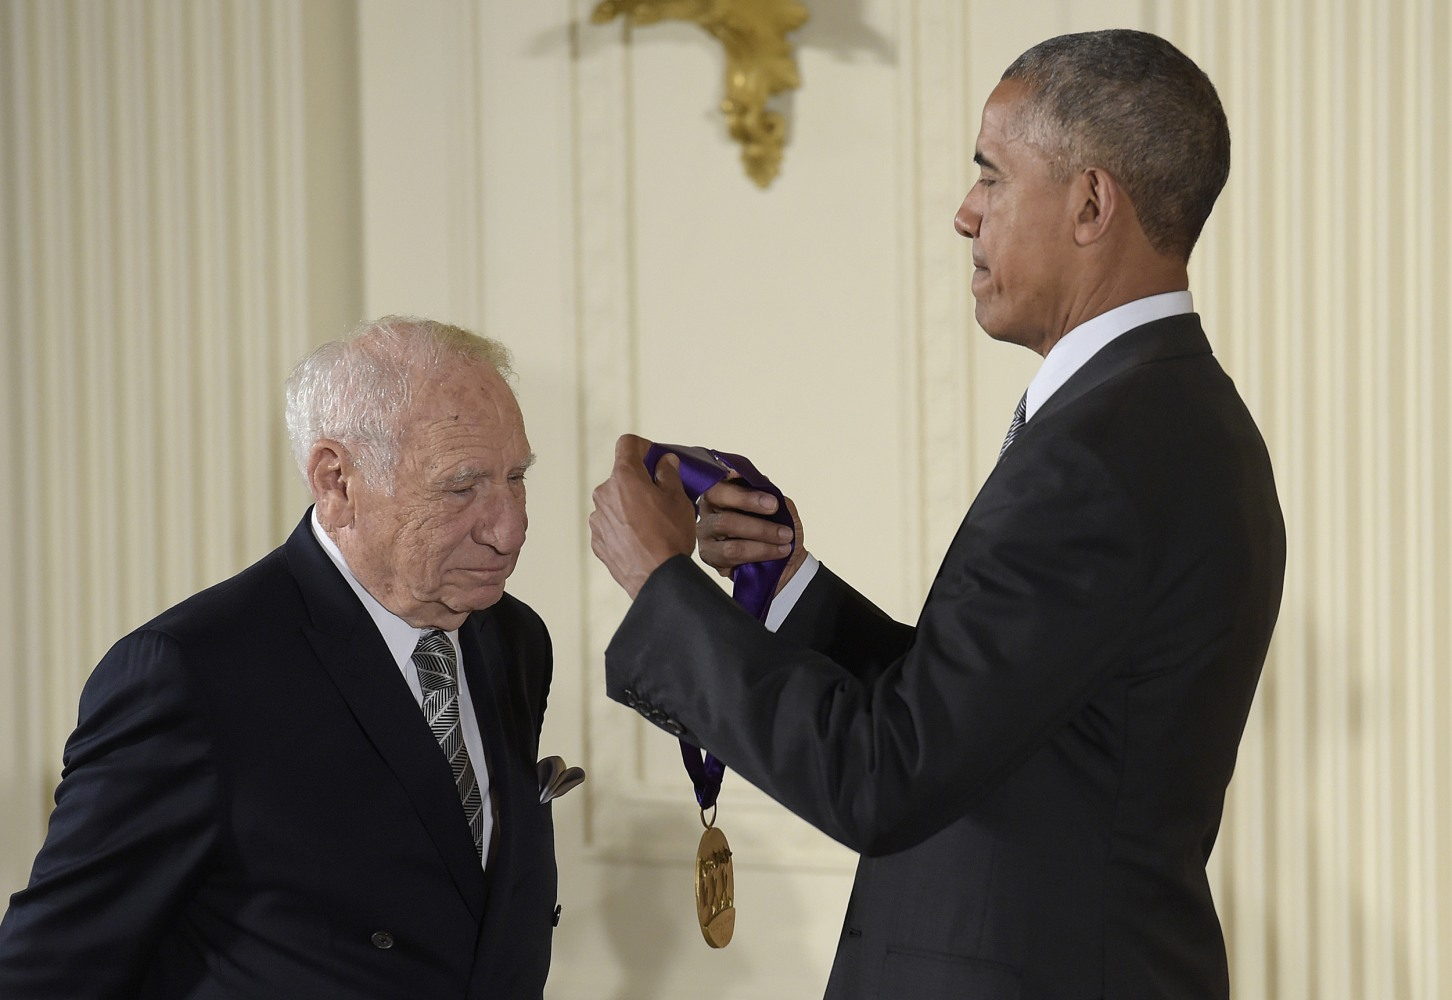 Mel Brooks, Morgan Freeman Lead List of Award Winners at ...